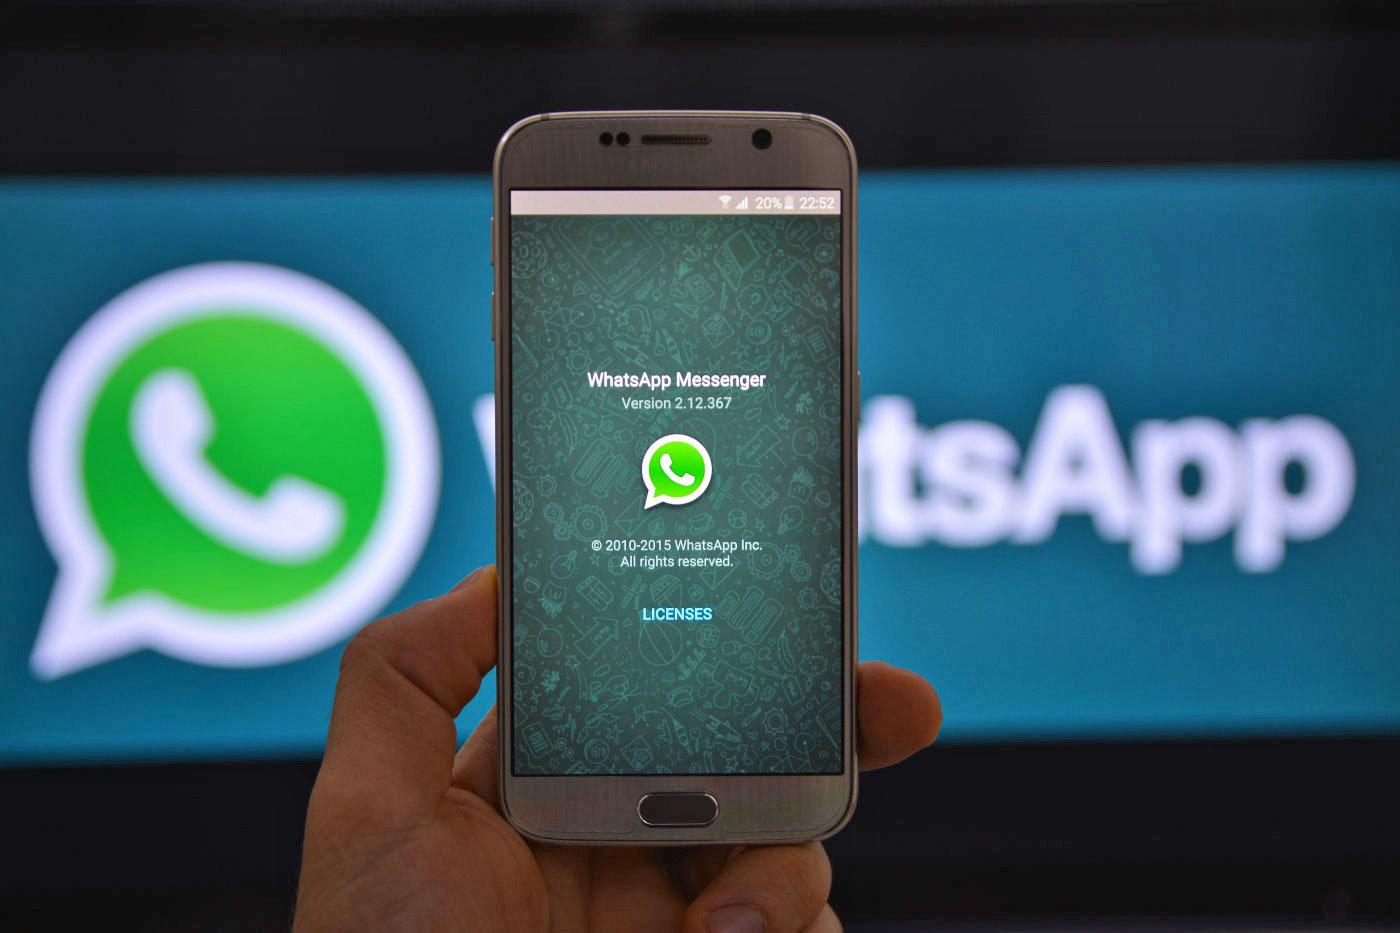 ¿Te arrepentiste de enviar el mensaje? Whatsapp te dará dos minutos para borrarlo.